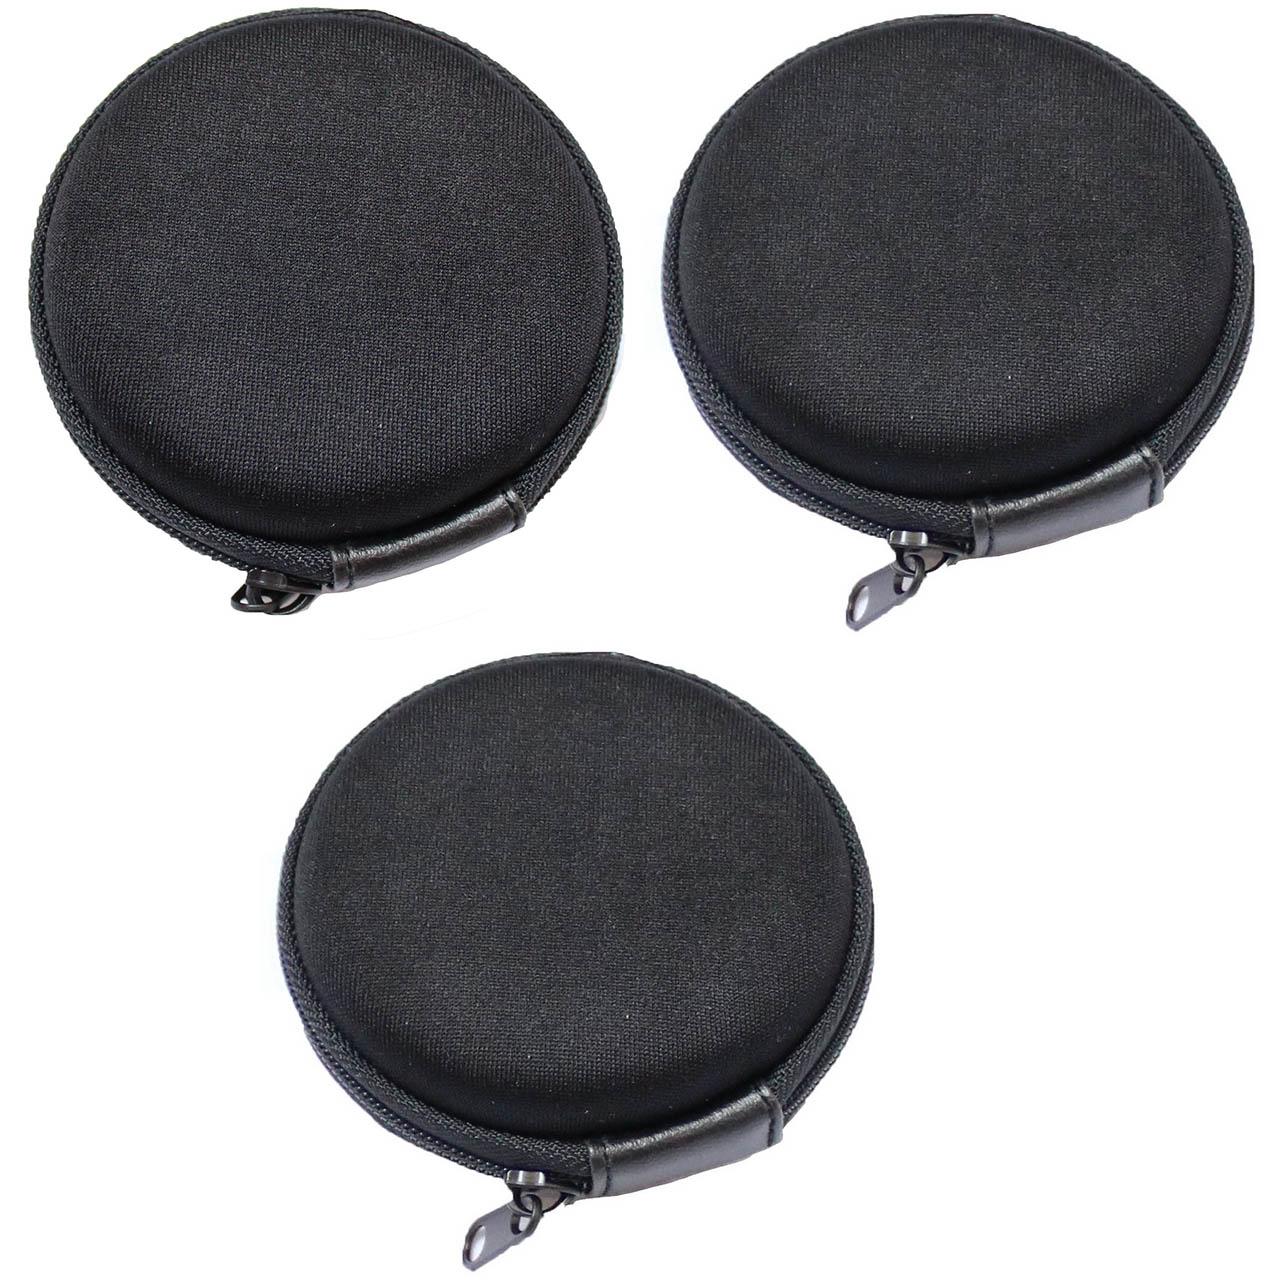 کیف هندزفری مدل Black بسته 3 عددی              ( قیمت و خرید)